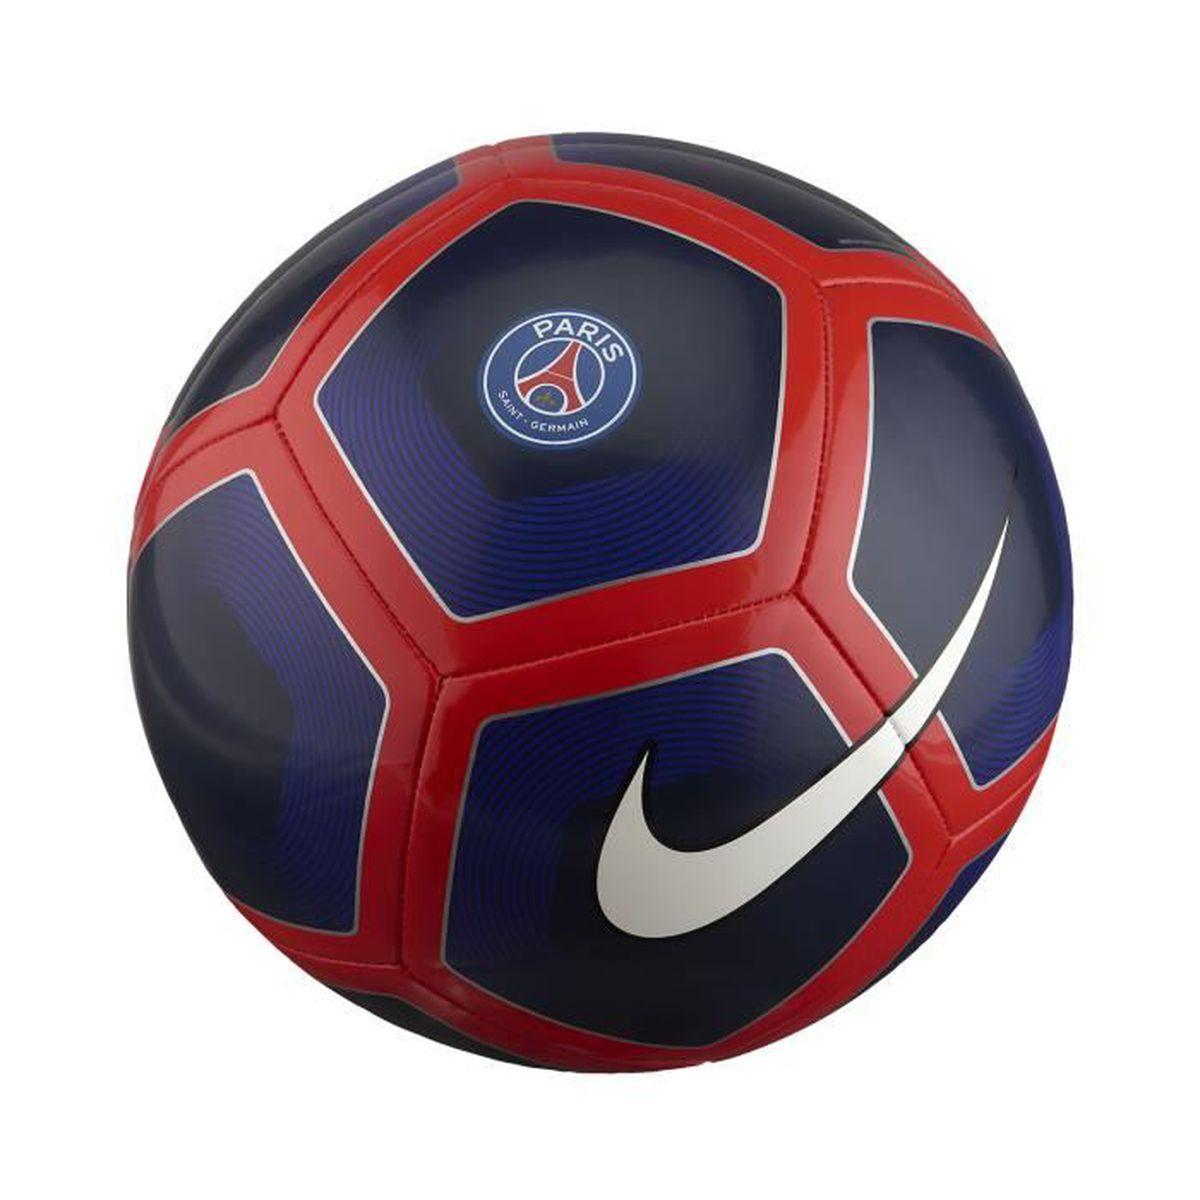 Pas T 5 Cher Bleu Nike Psg Rouge Cdiscount Prix Ballon qwC01EvR